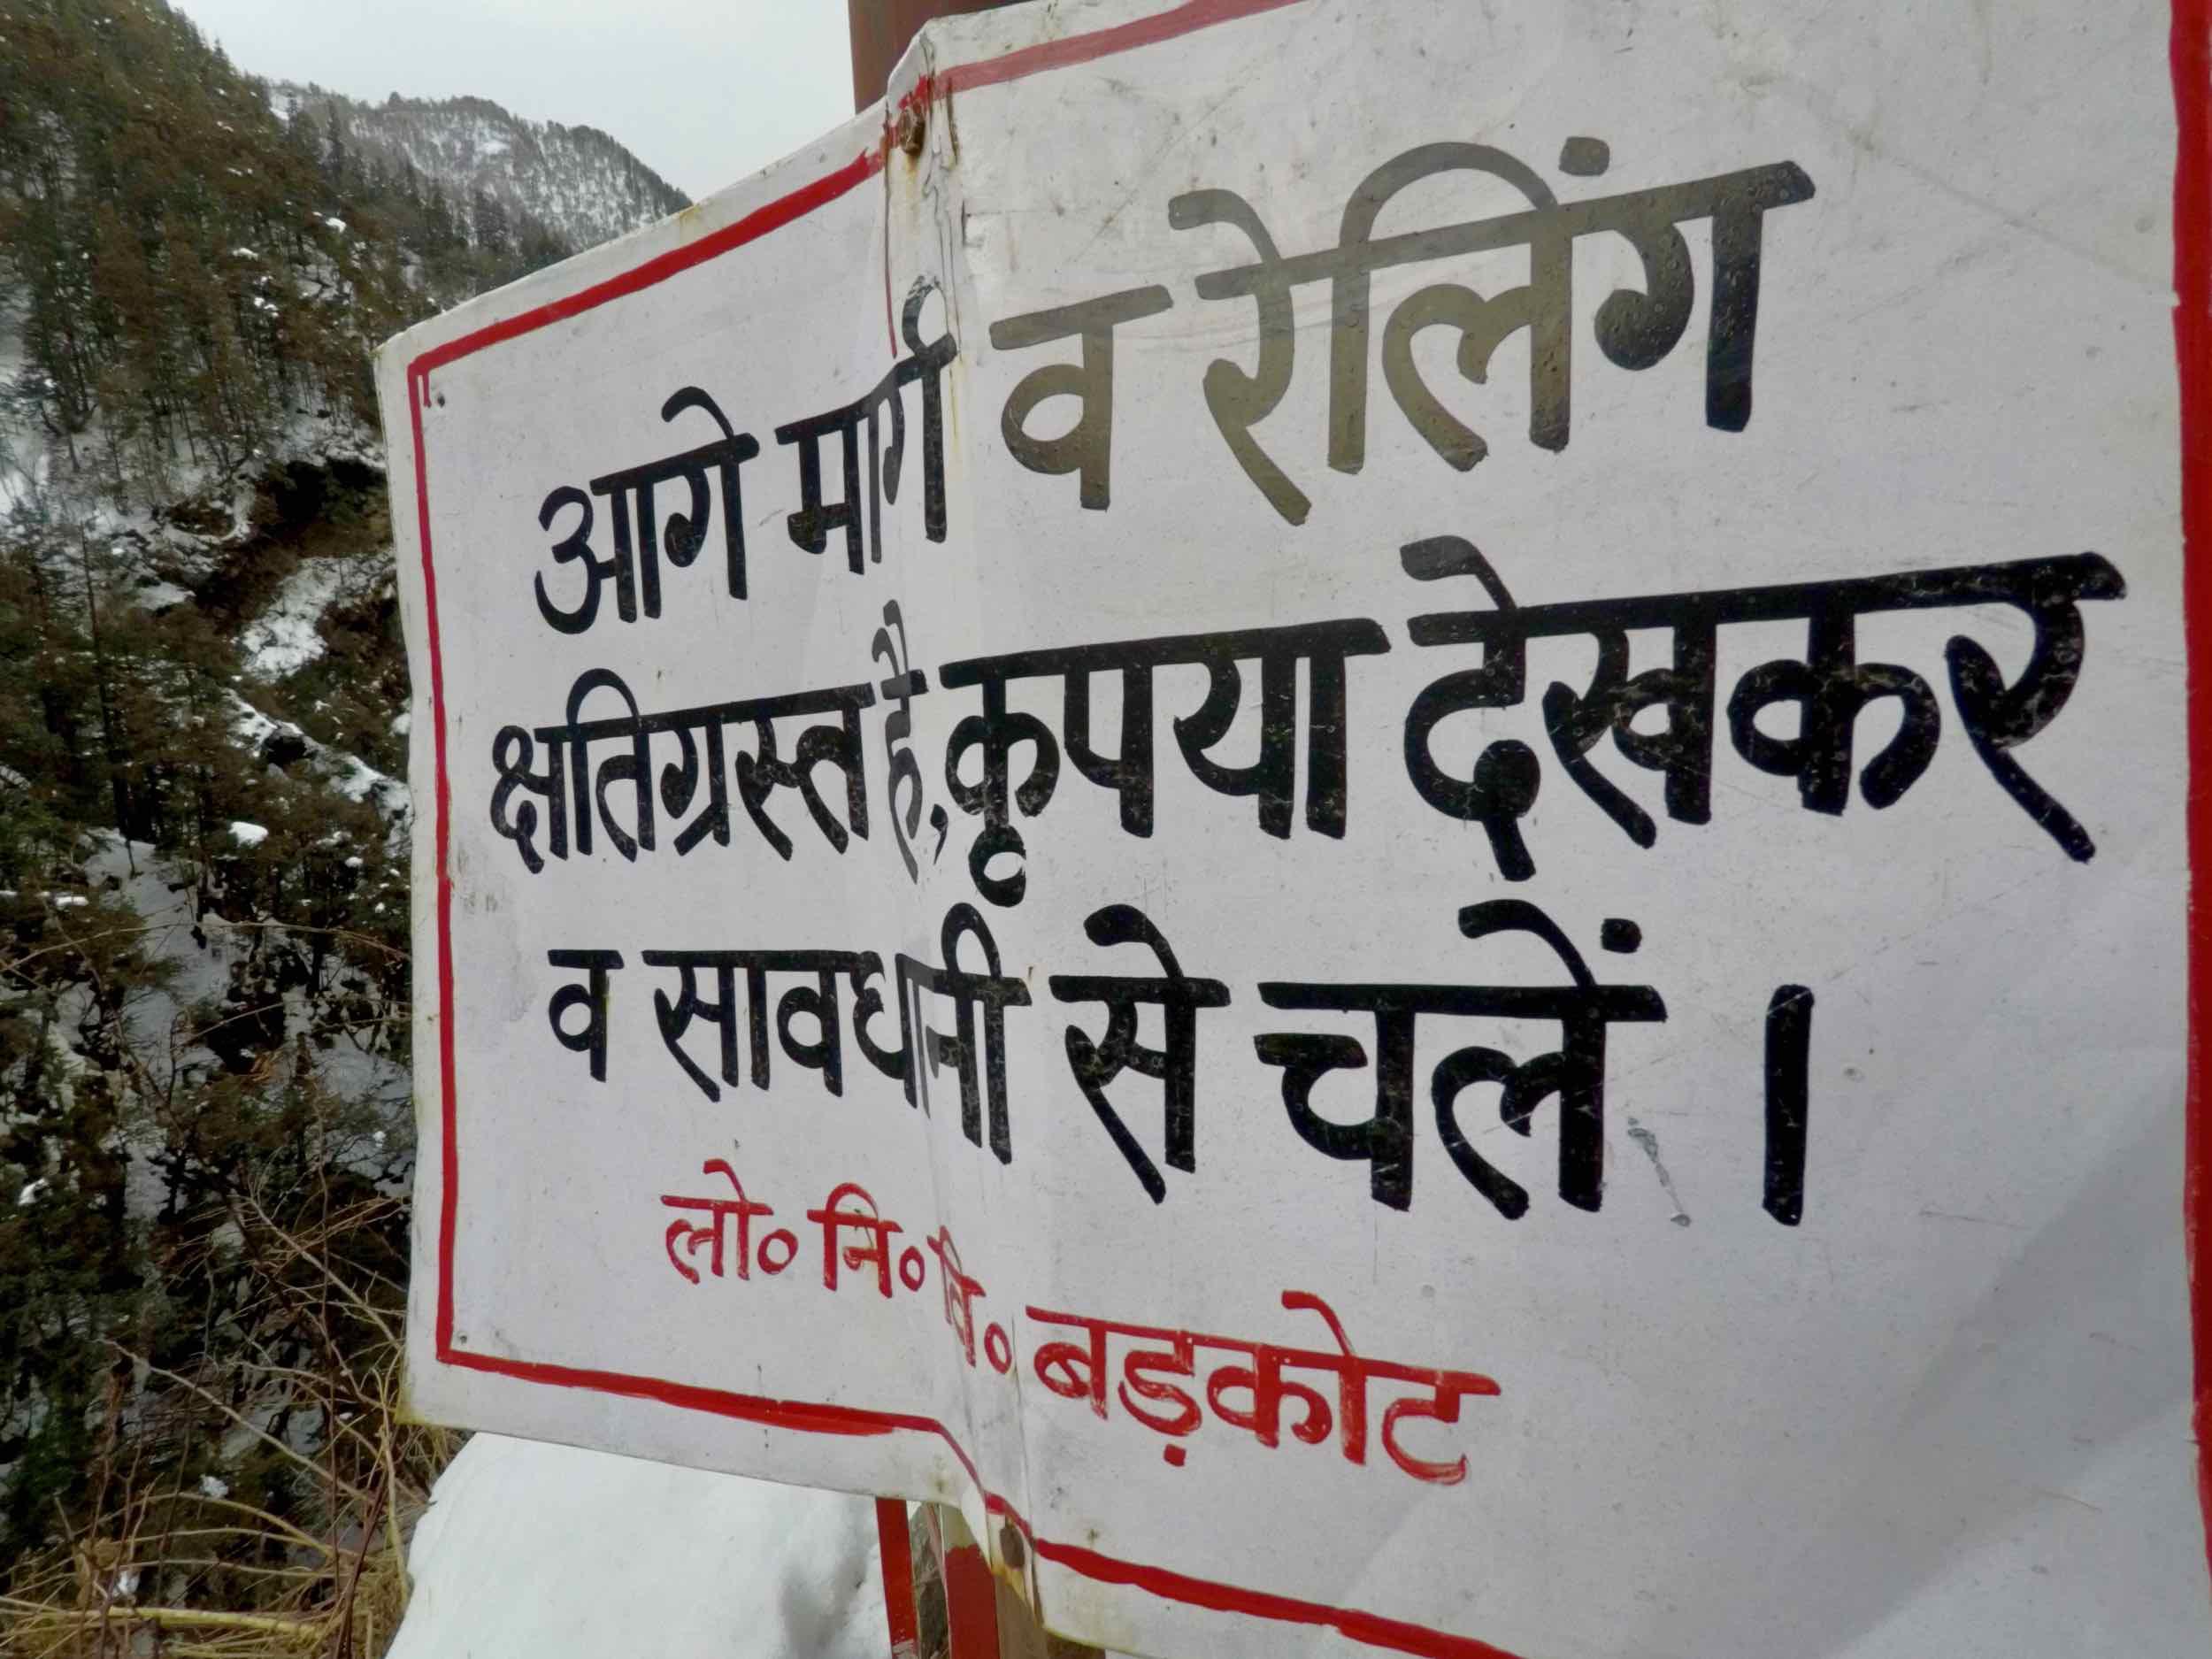 Yamunotri trek signboard PWD.jpg